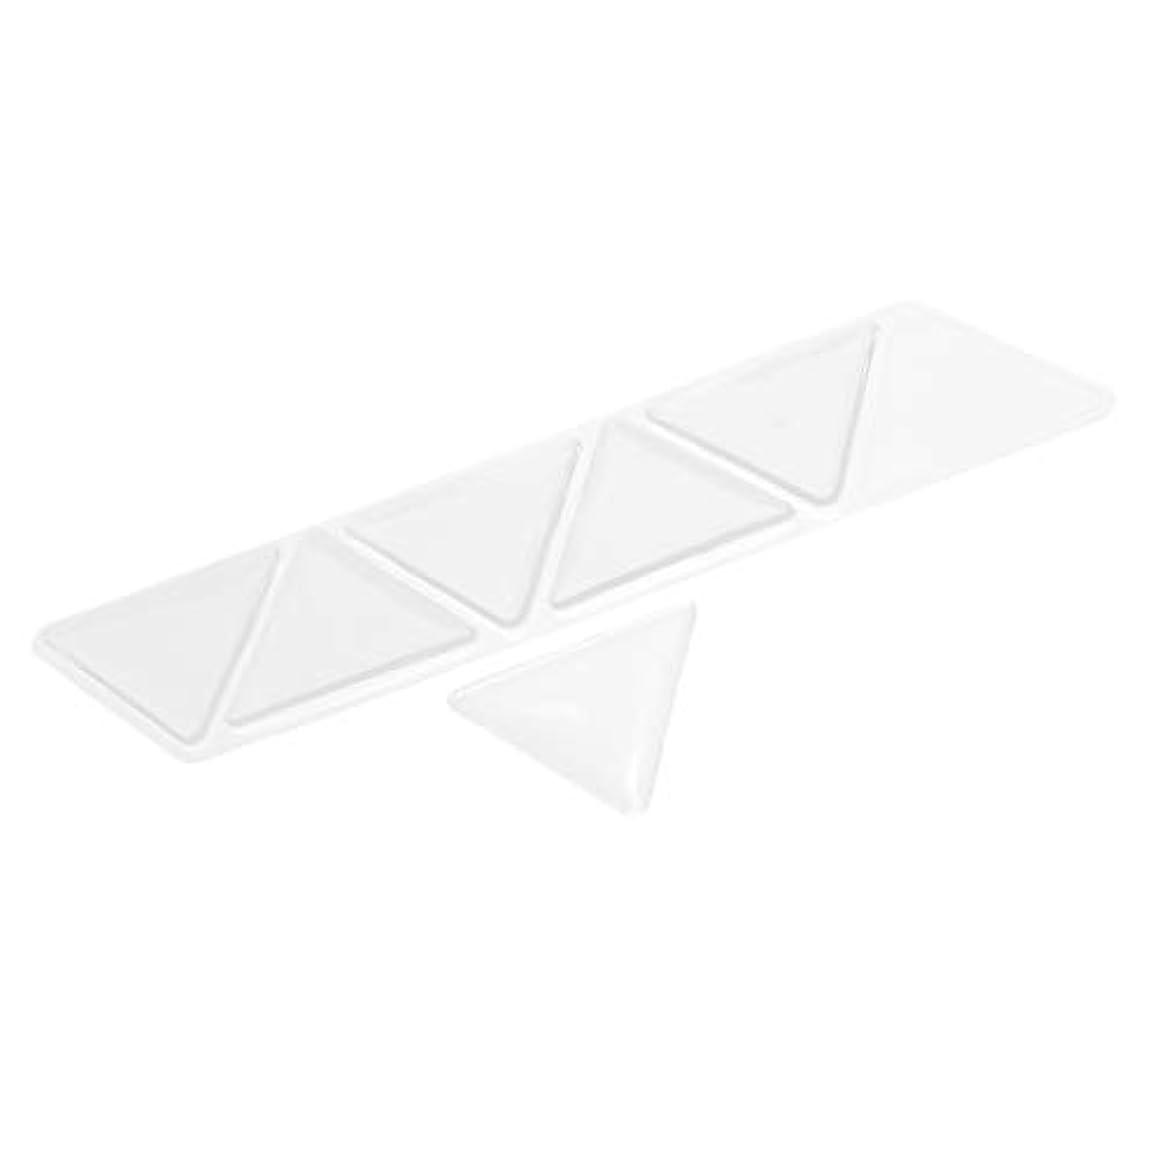 重要勘違いする強制的dailymall 額 パッド アンチリンクル シリコーン パッチスキンケア 三角パッド 4.5×4cm 6個入